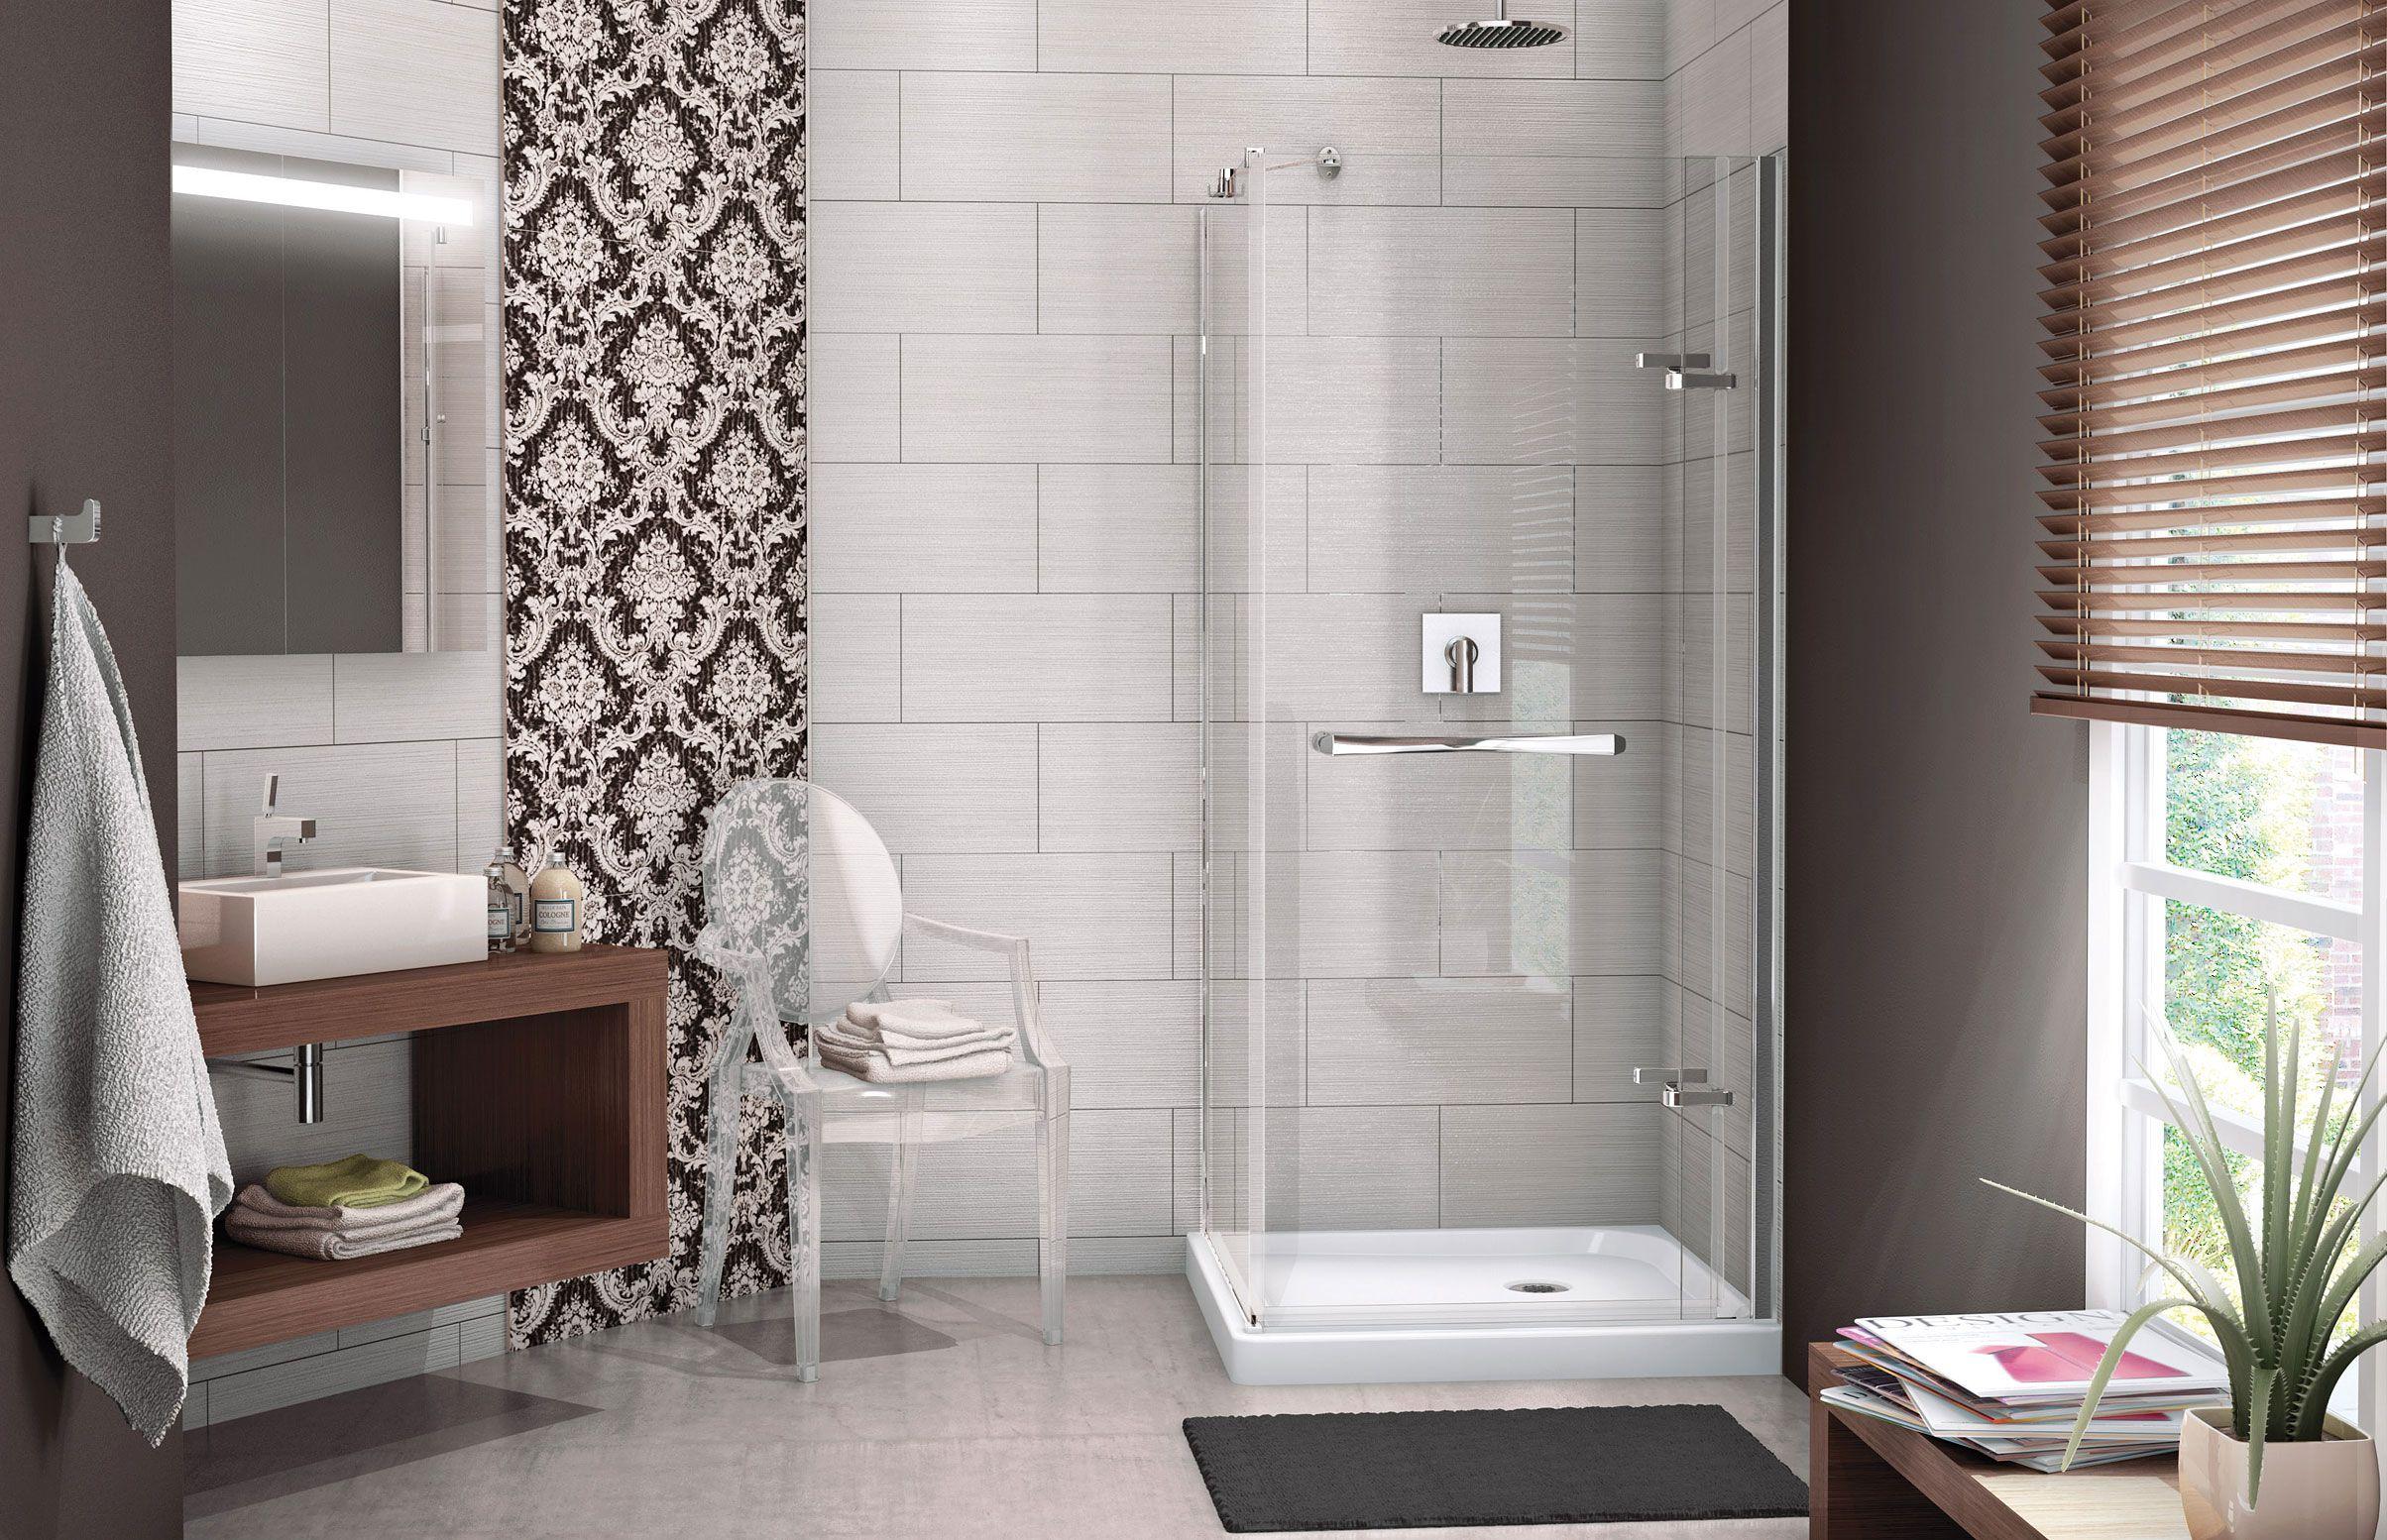 Strip for MAAX shower door & MAAX - Reveal Corner Shower Door www.maax.com #Shower #Bathroom ...